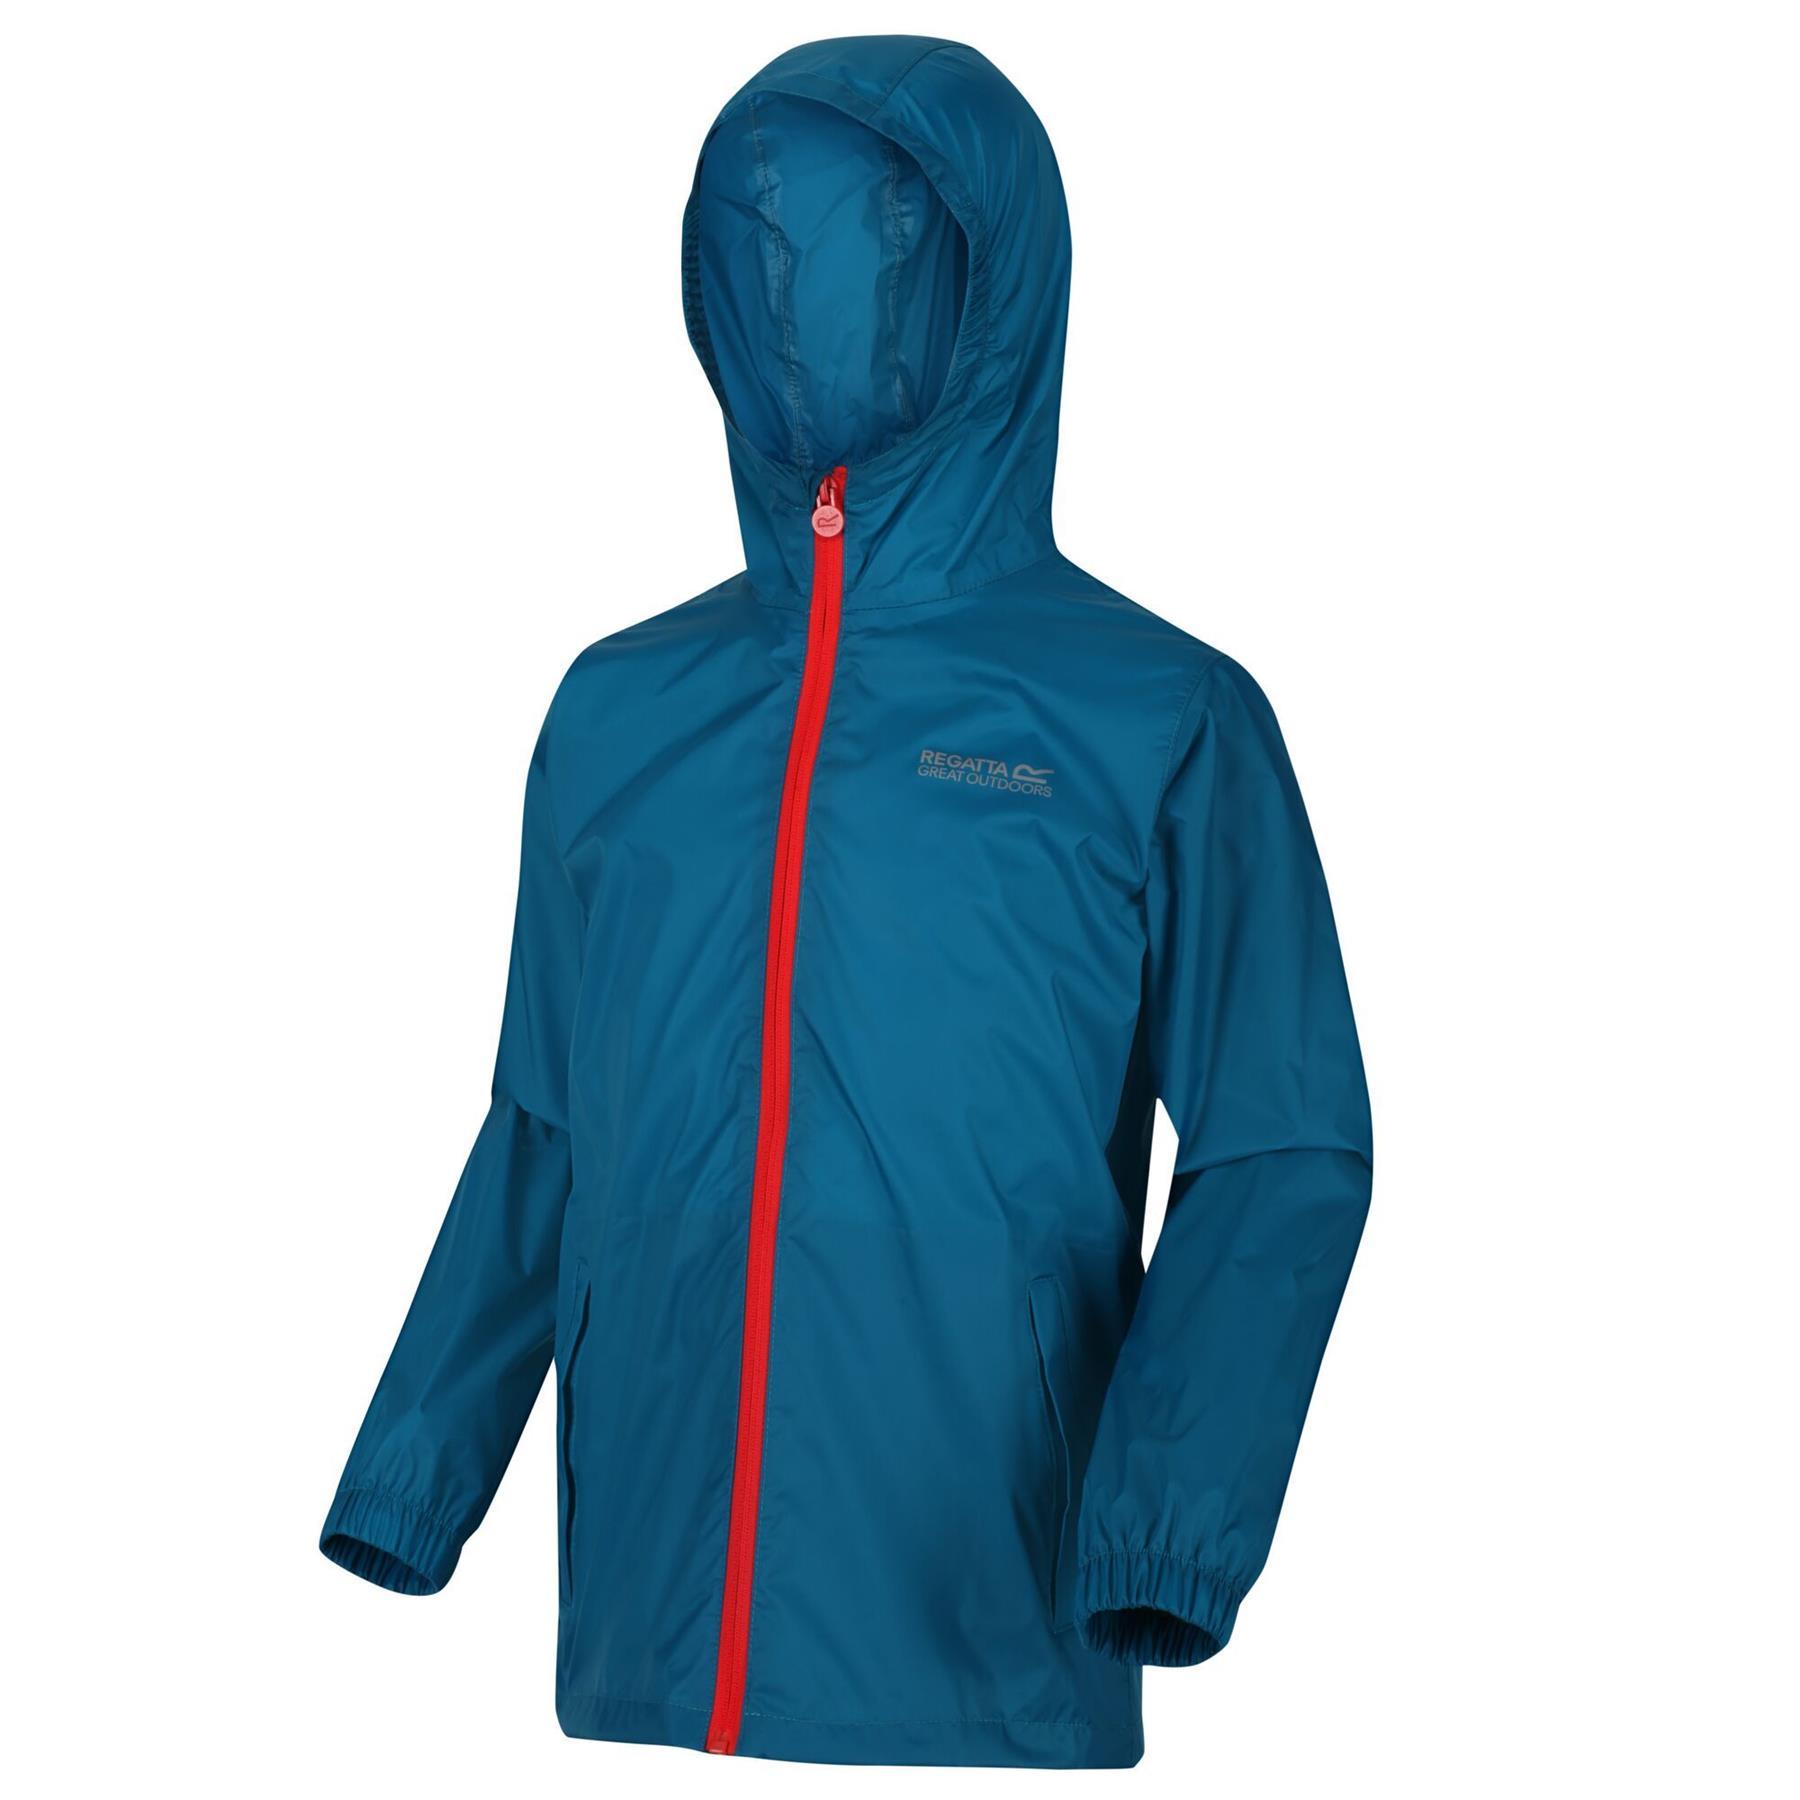 Regatta Pack-It II Kids Jacket Waterproof Breathable Packaway Raincoat